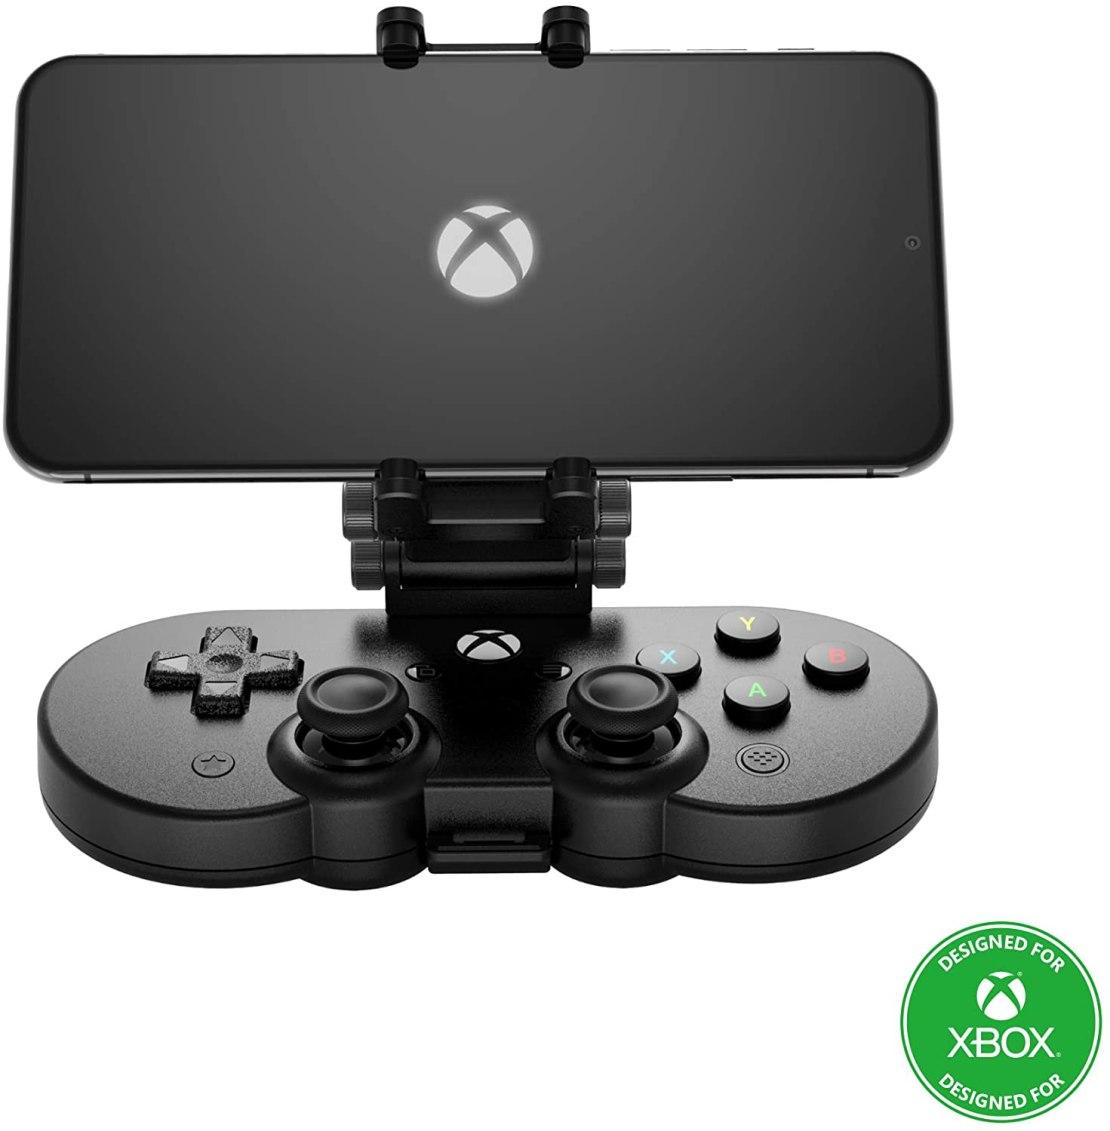 8Bitdo Sn30 Pro para juegos en la nube Xbox en Android (incluye clip) - Android